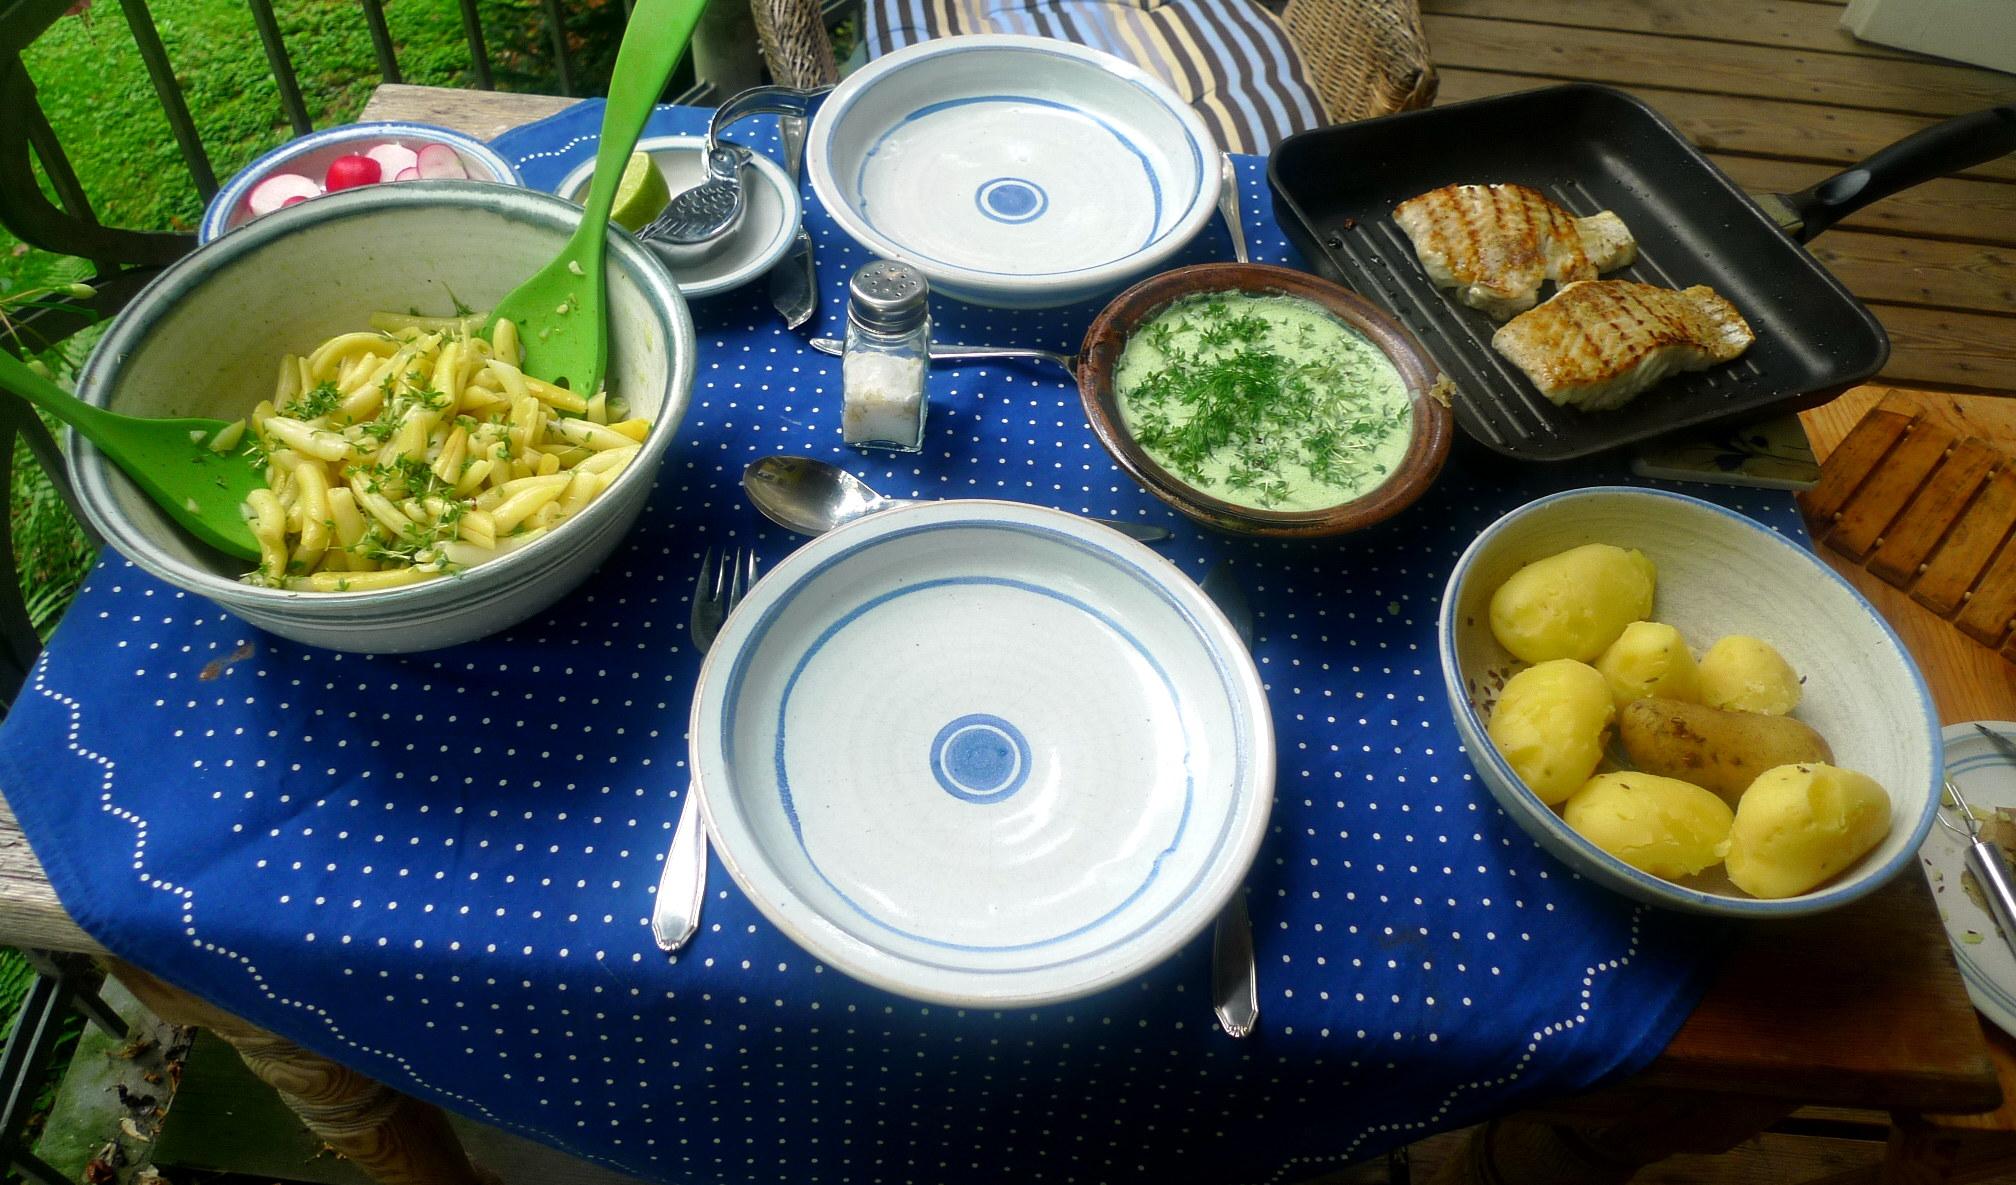 Seelachs-Bohnensalat-Joghurtdip-6.9.14   (7)